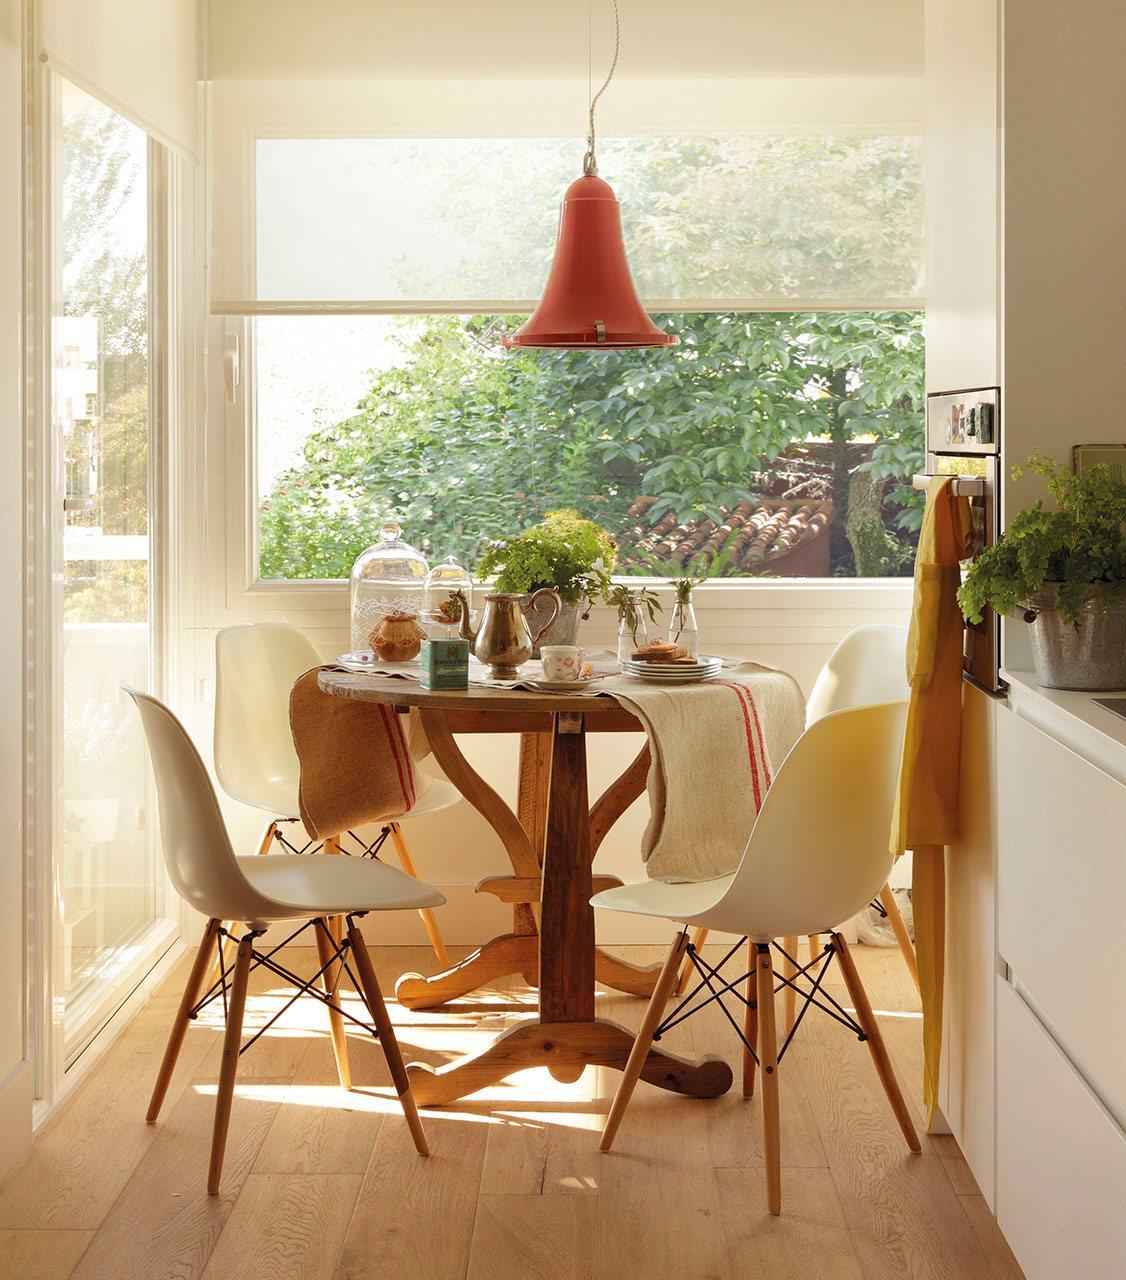 Trucos para poner un office en una cocina peque a for Mesa rinconera para cocina